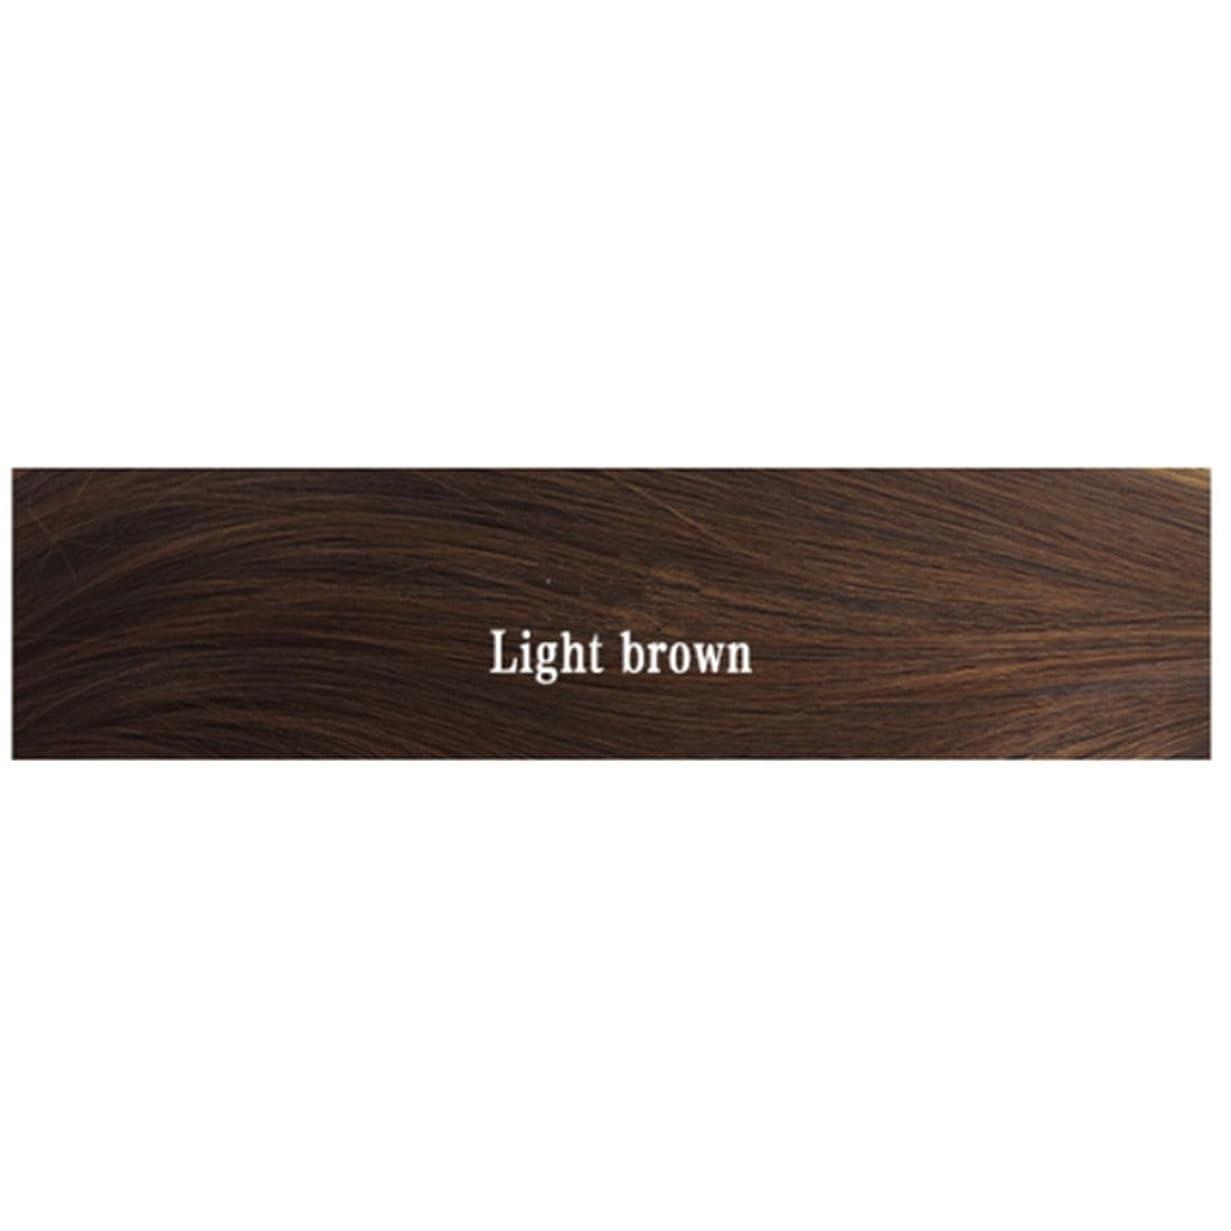 小さな各静かなDoyvanntgo 女性のためのロングストレートウィッグミディアムヘアと調節可能なウィッグ自然な魅力的な女性ウィッグ220g(ブラック、ダークブラウン、ライトブラウン、おばあちゃん、ベージュ、ライトピンク) (Color : Light brown)